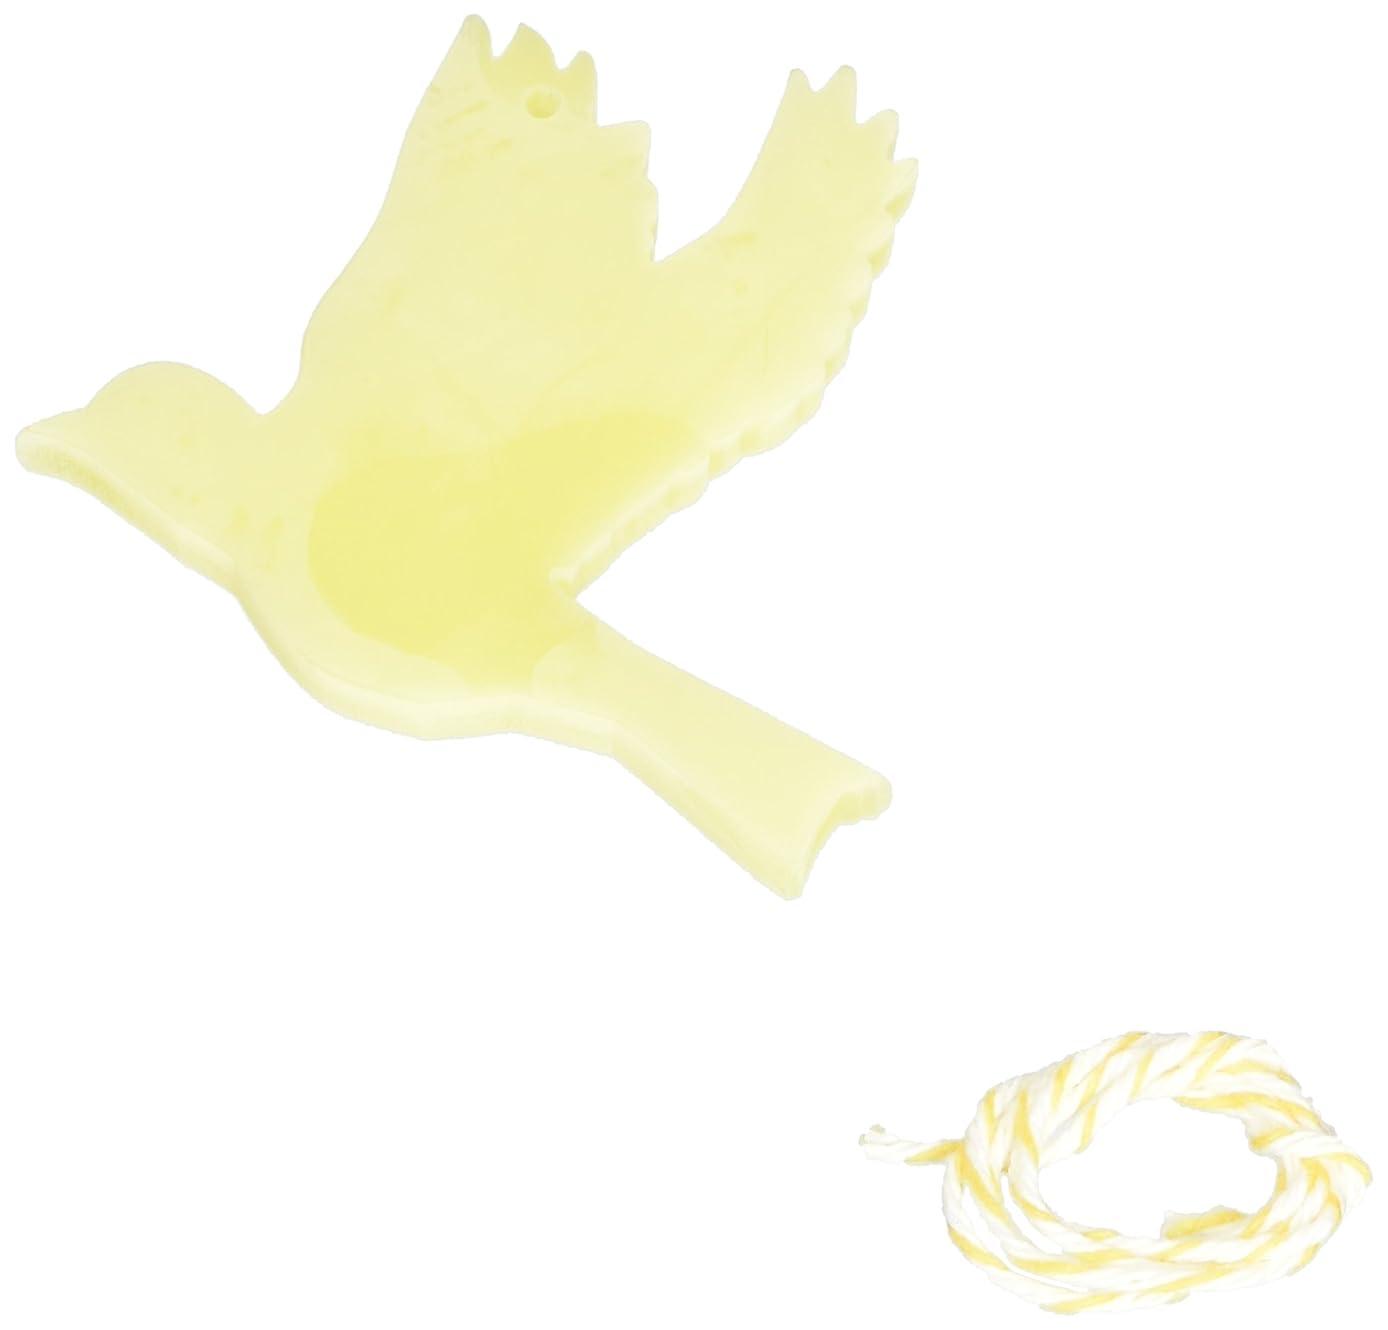 アトム余暇クラシカルGRASSE TOKYO AROMATICWAXチャーム「ハト」(YE) ベルガモット アロマティックワックス グラーストウキョウ